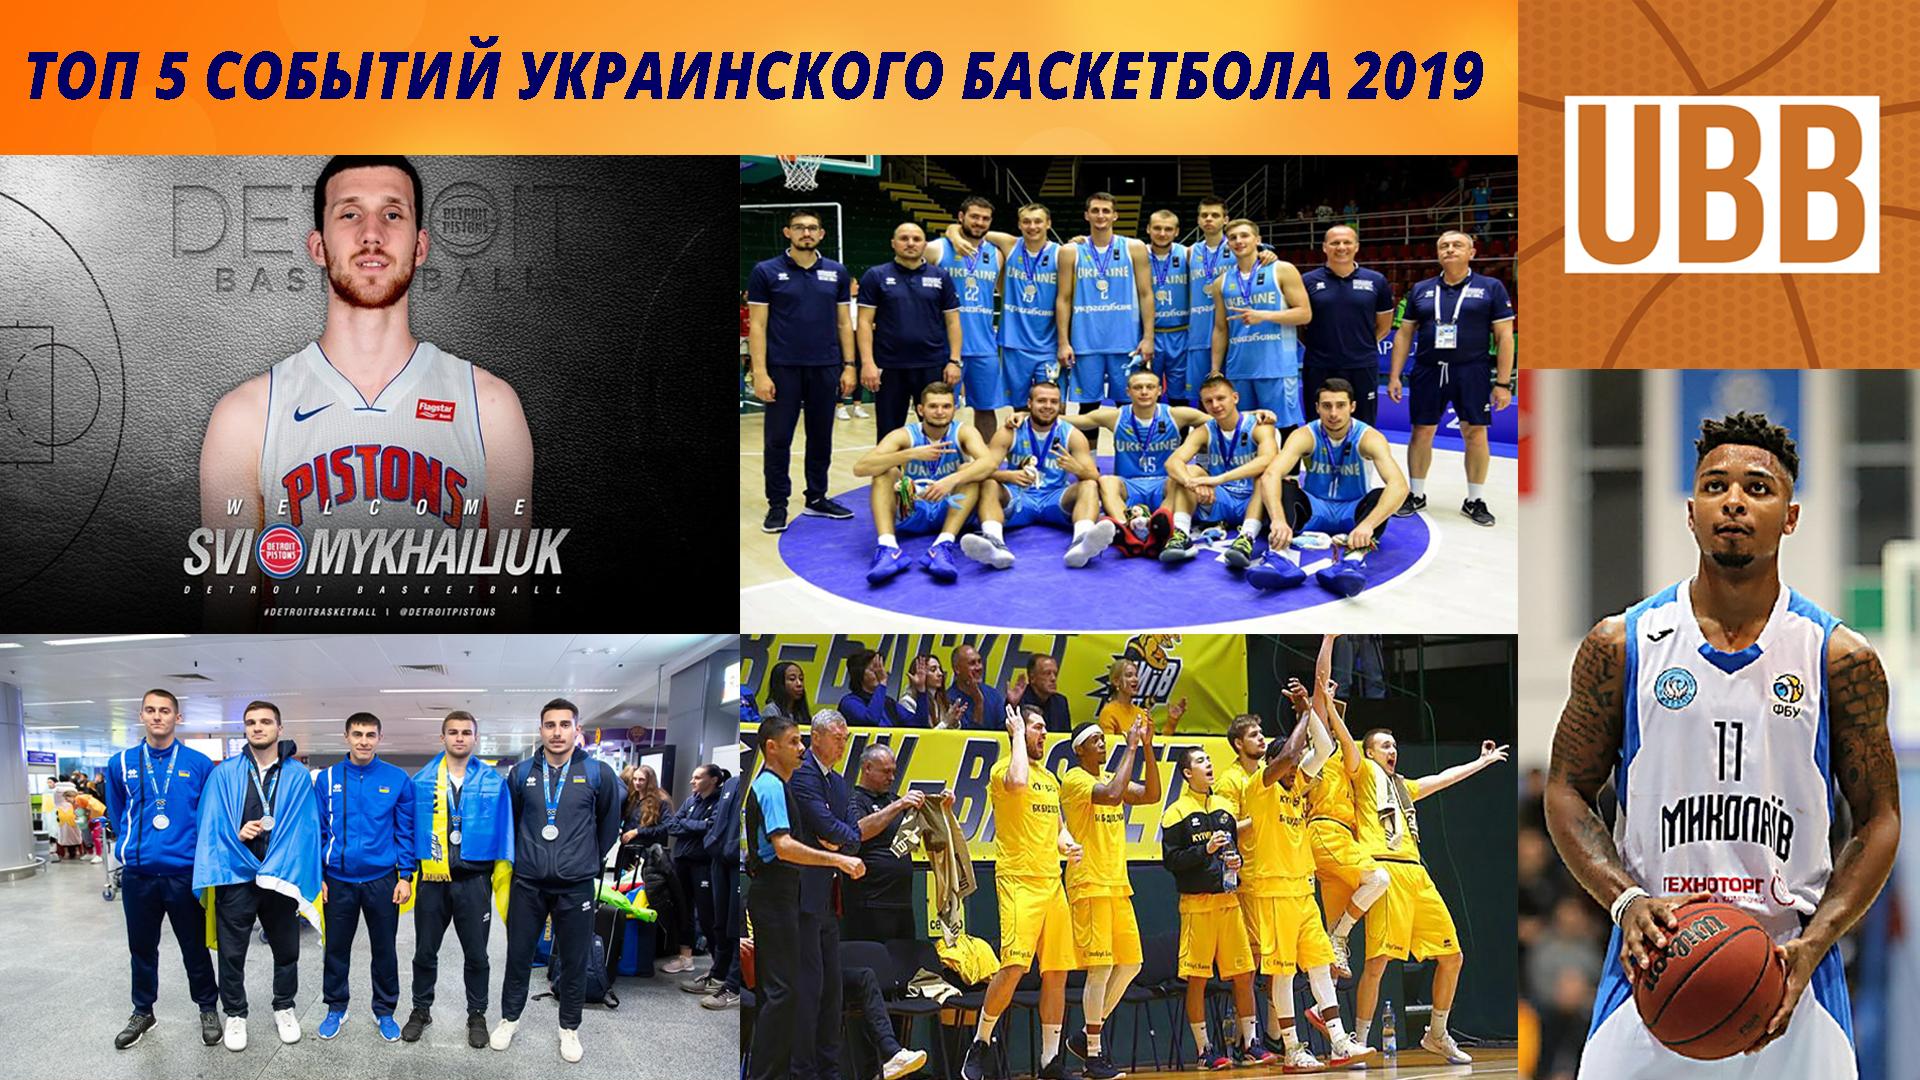 сборная Украины, Баскетбол 3х3, Киев-Баскет, Святослав Михайлюк, Универсиада, Детройт, Лейкерс